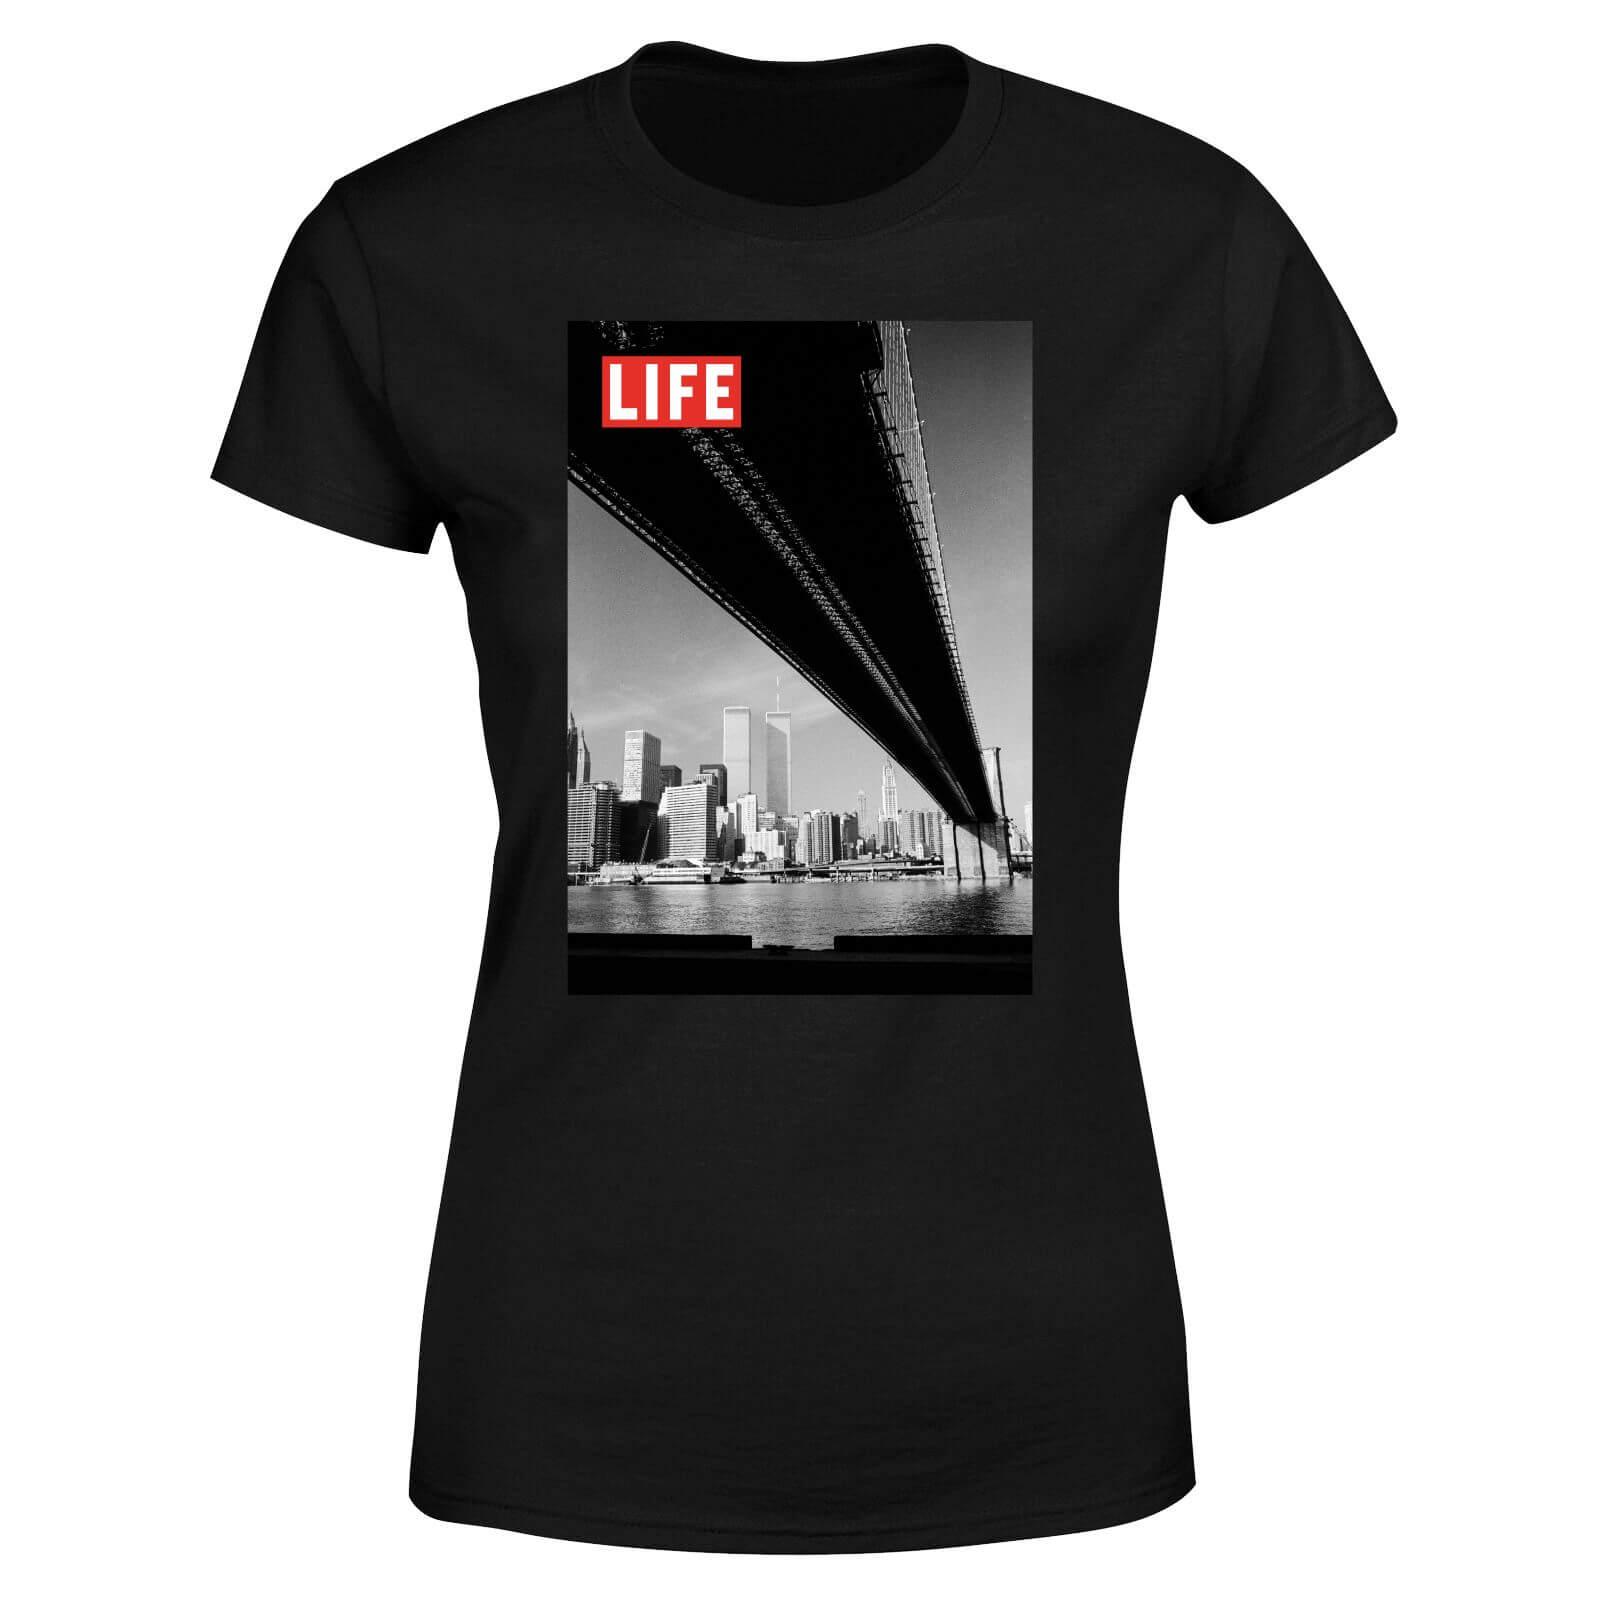 LIFE Magazine Bridge Women's T-Shirt - Black - L - Black-female